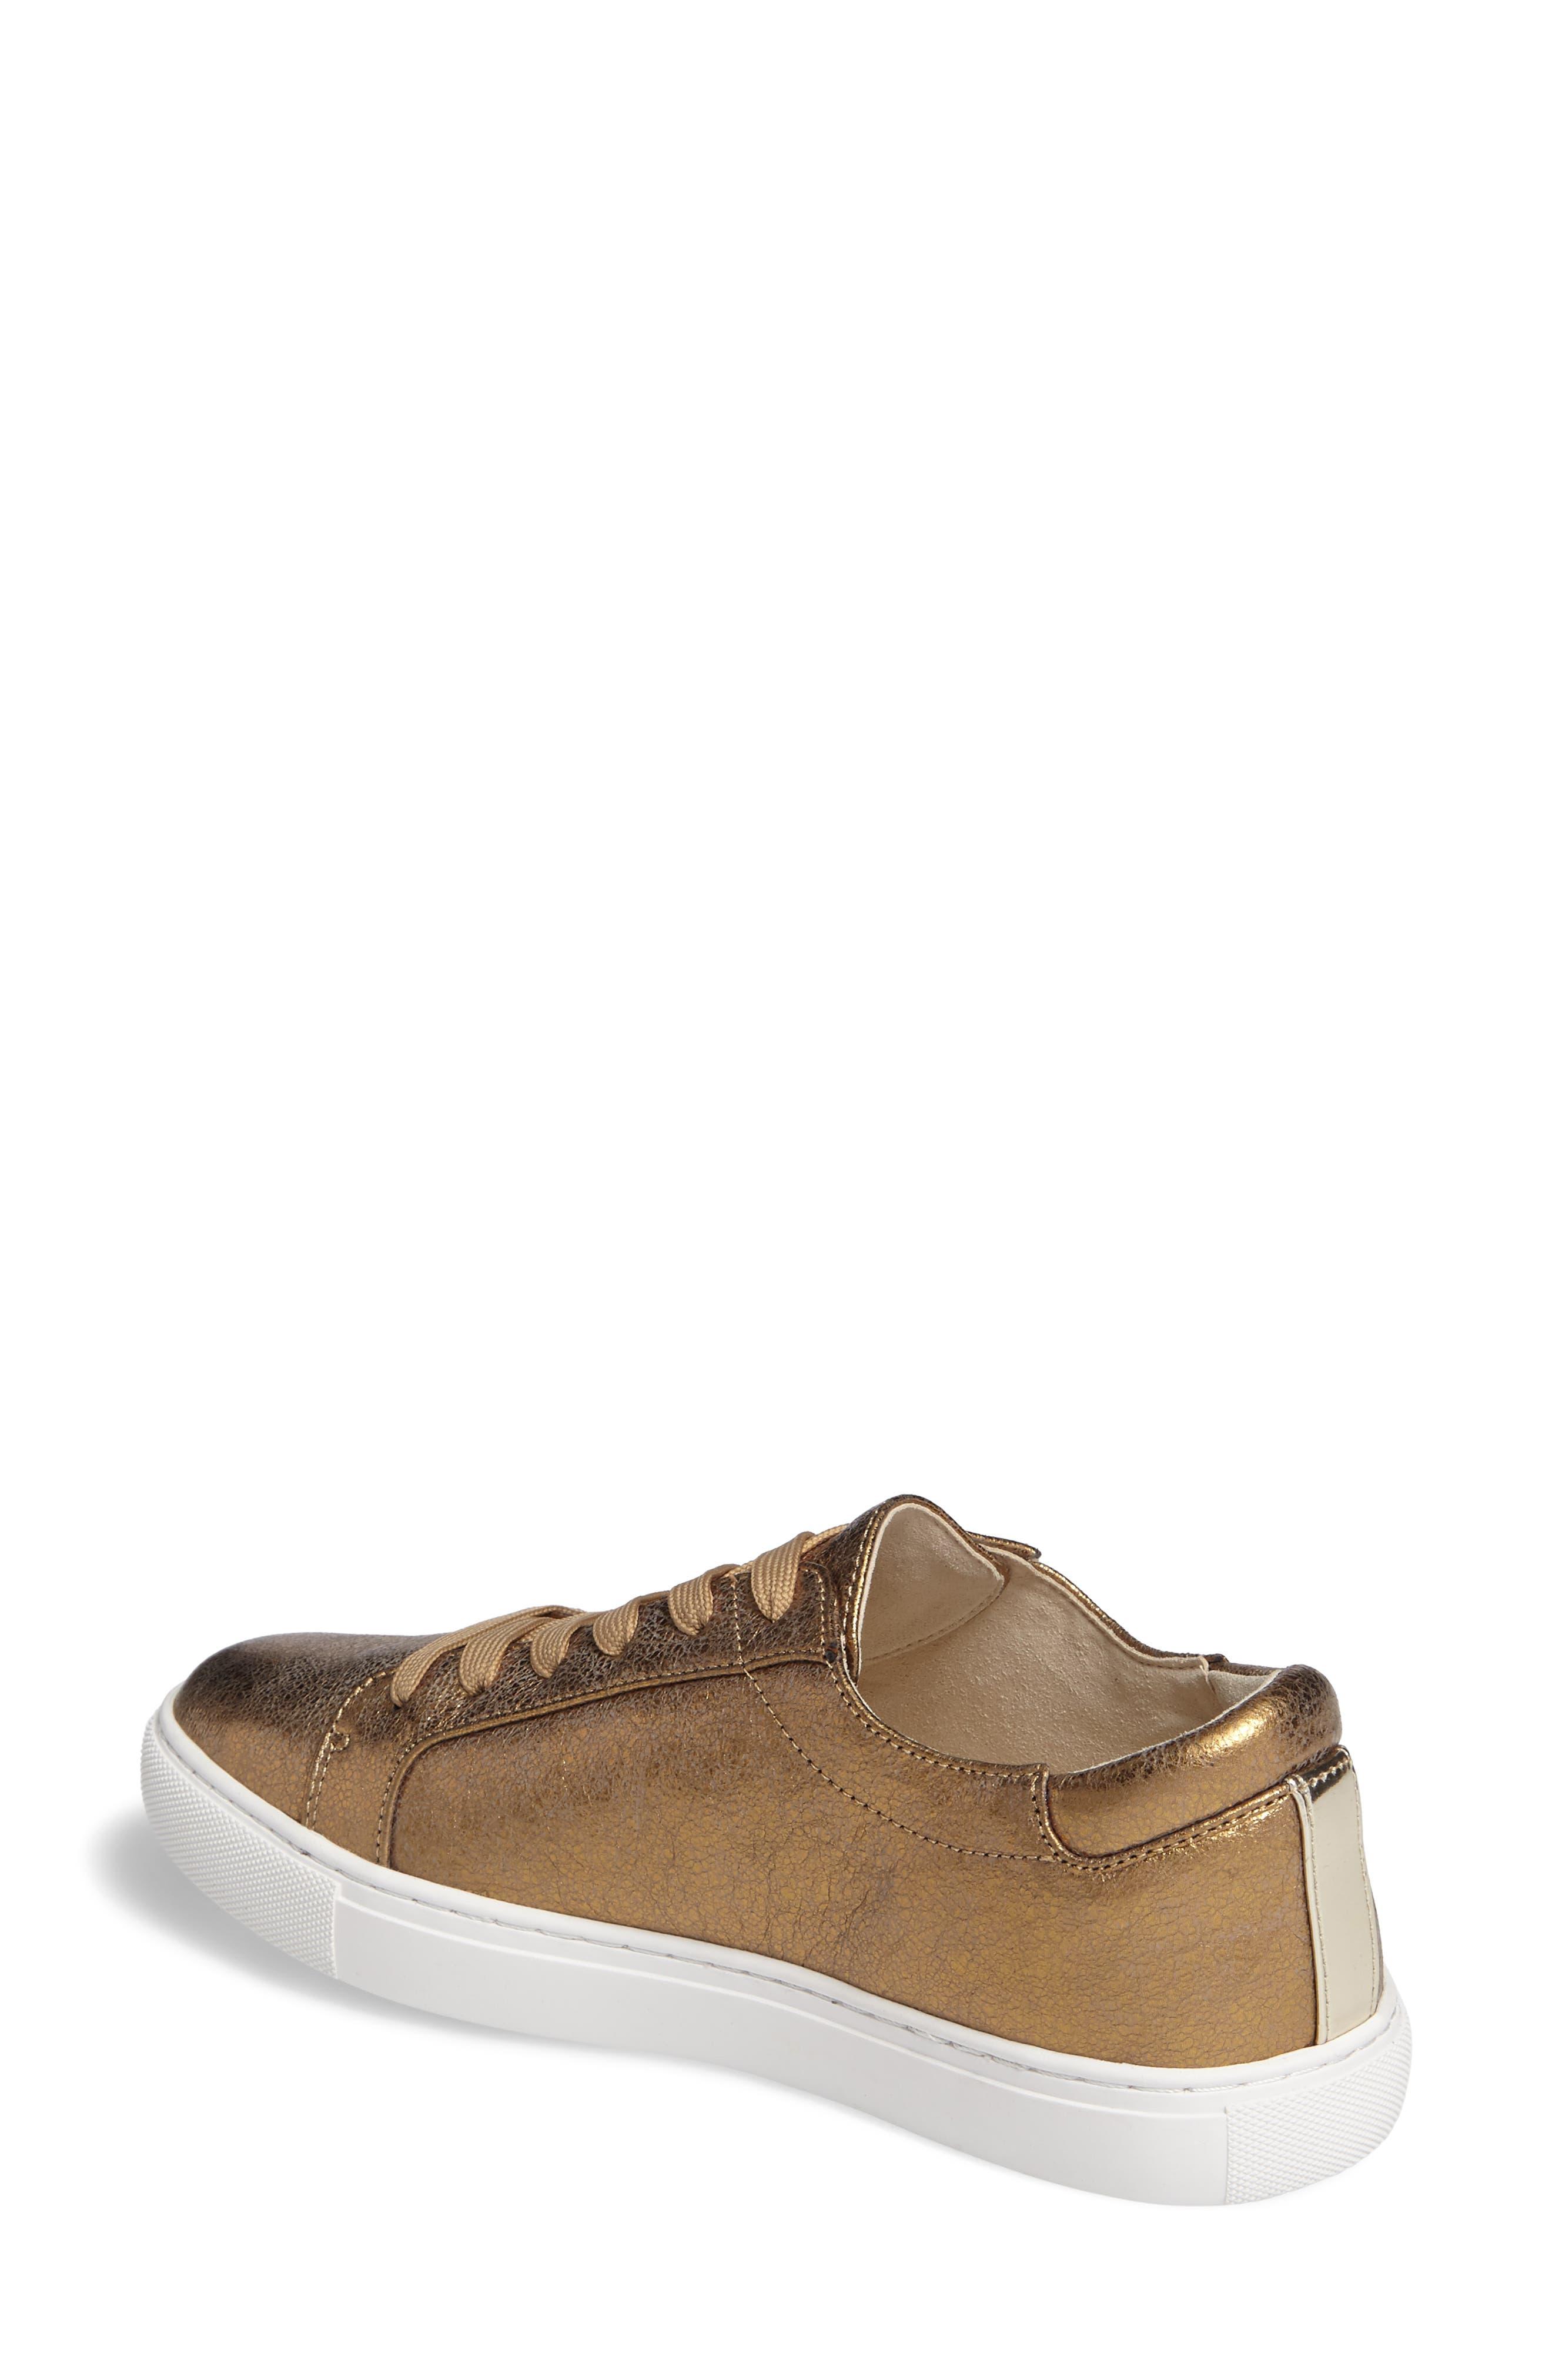 'Kam' Sneaker,                             Alternate thumbnail 90, color,